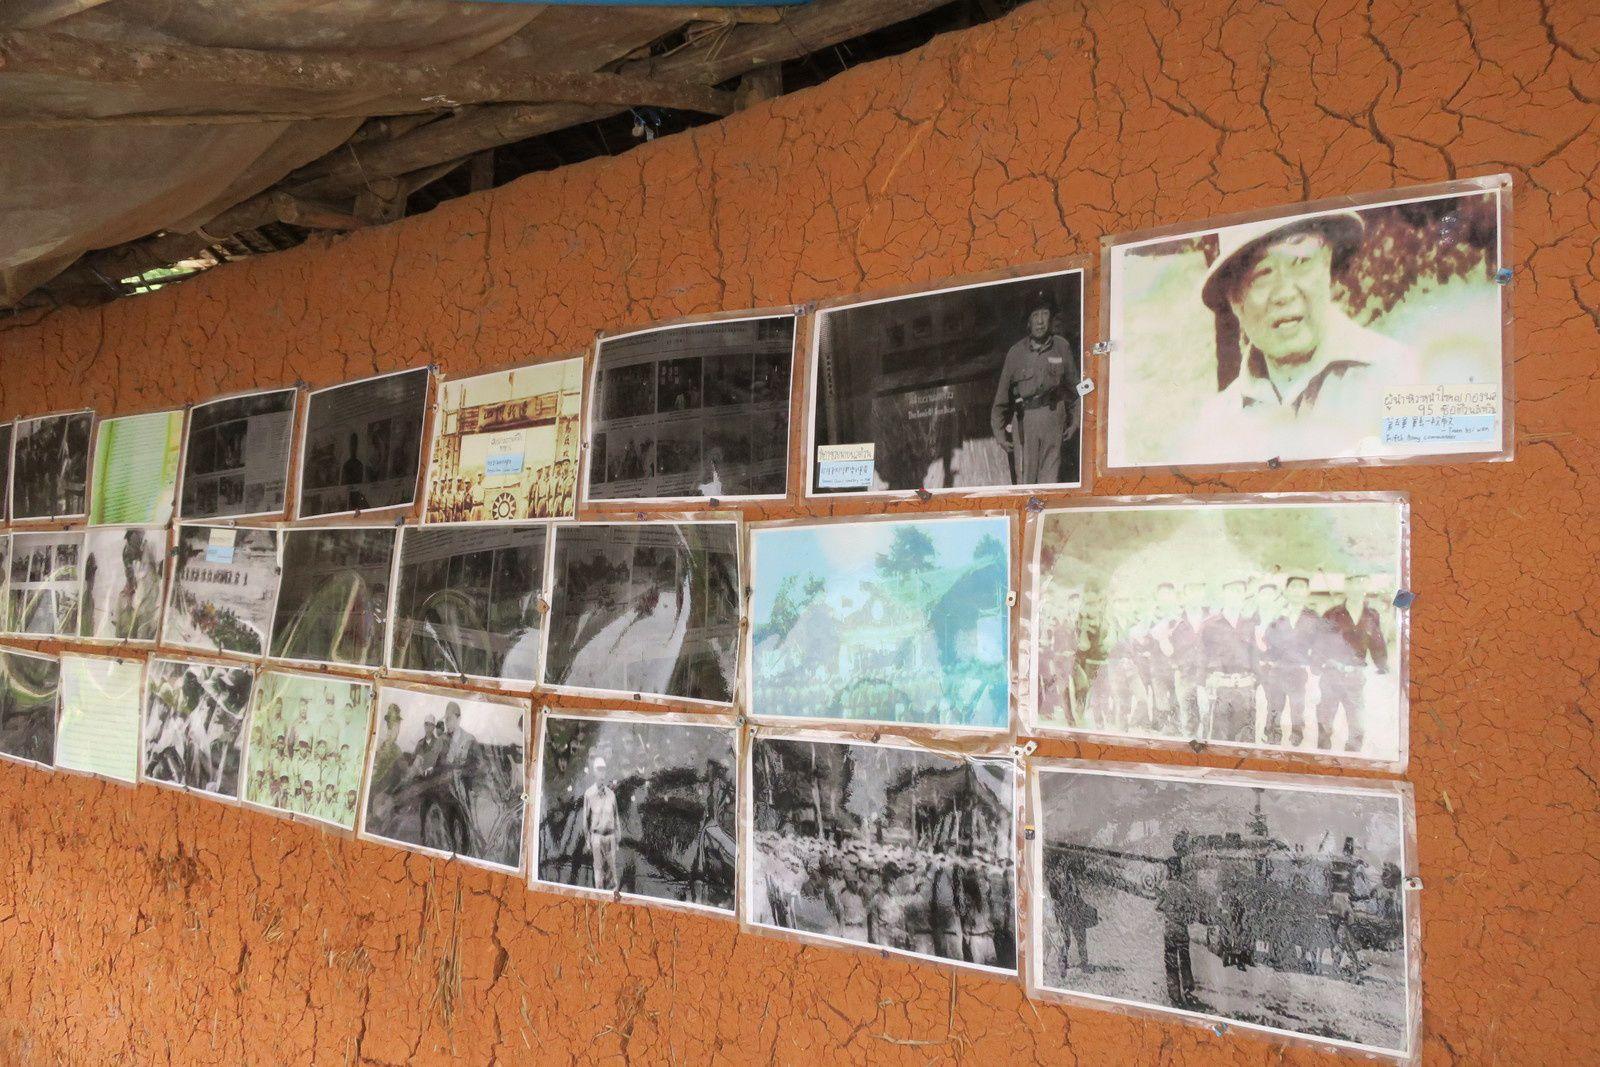 Village  Shan. Des souvenirs militaire sont exposés dans une boutique de thé.